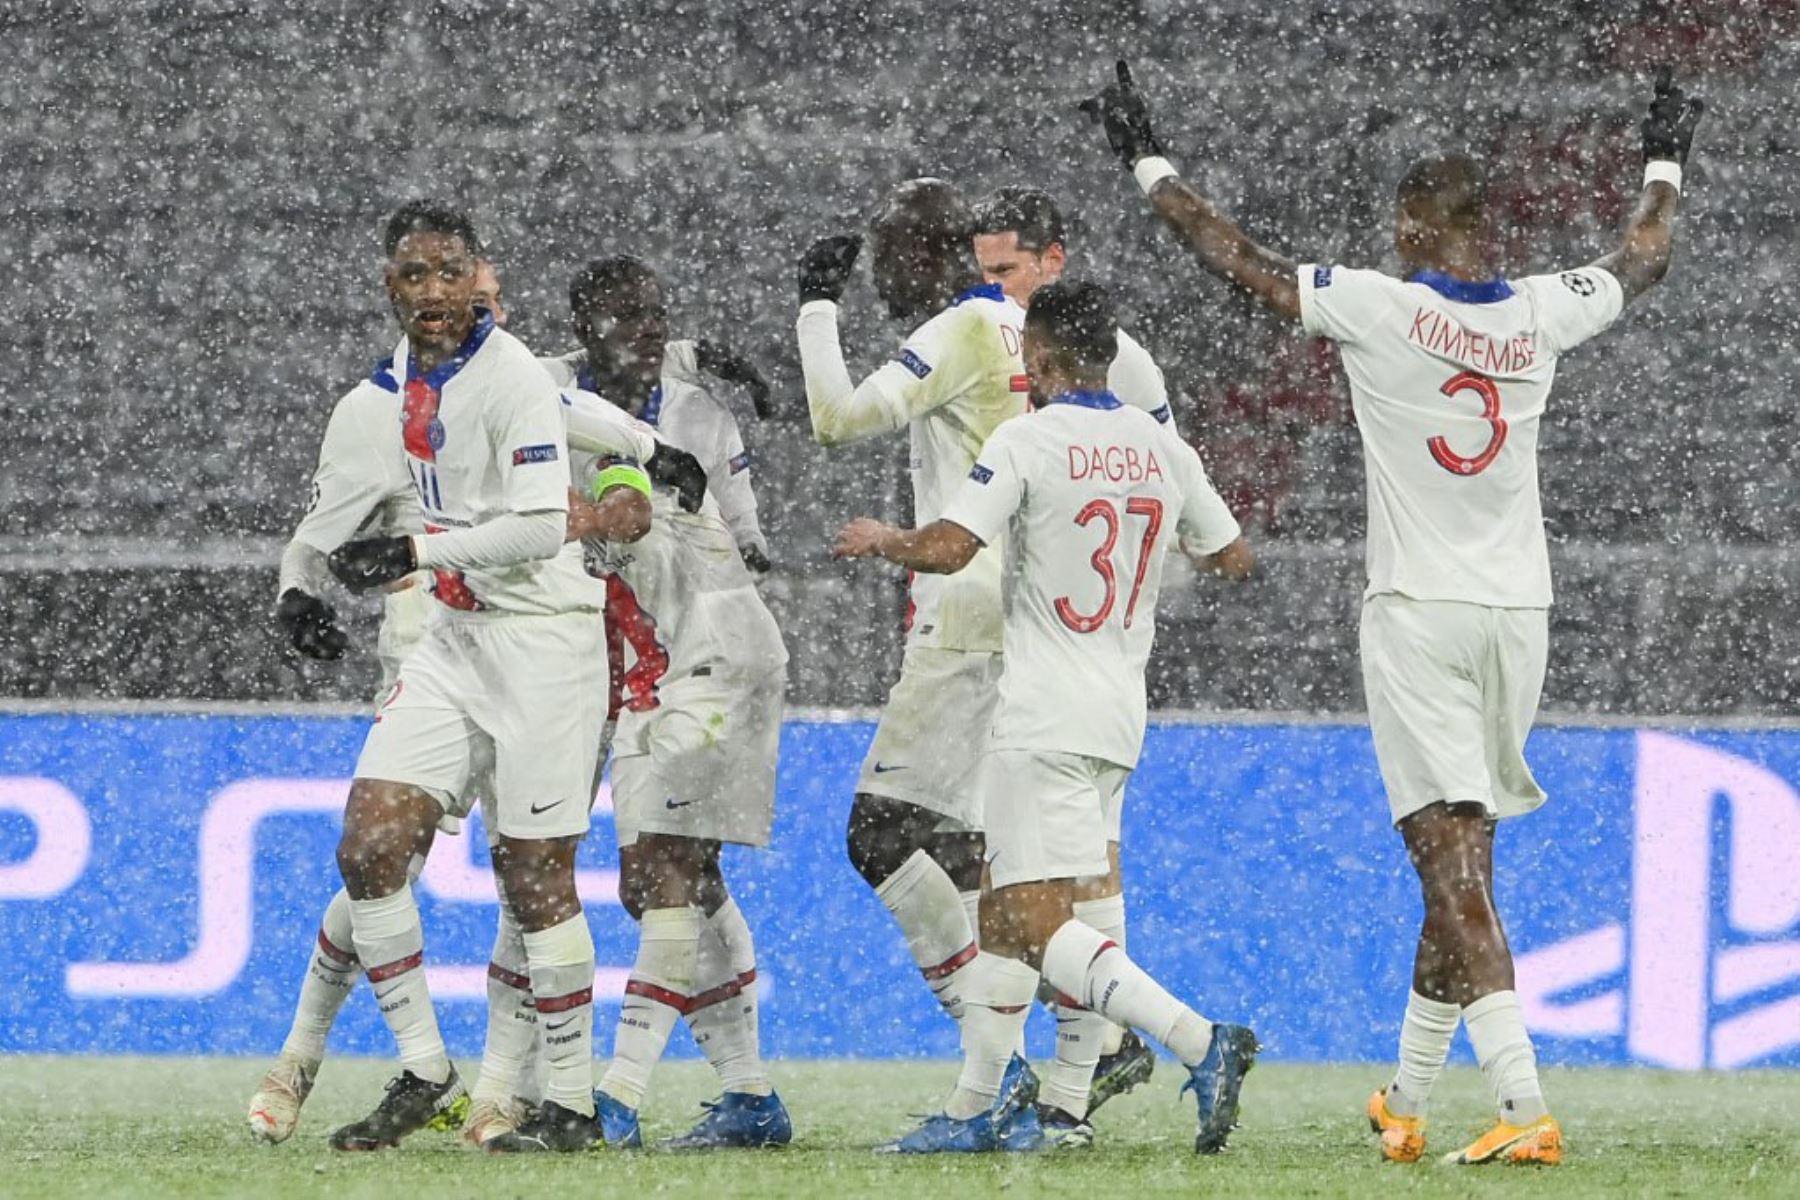 El defensor brasileño del Paris Saint-Germain Marquinhos (oculto, 2L) celebra el 0-2 con sus compañeros de equipo durante el partido de ida de cuartos de final de la Liga de Campeones de la UEFA entre el FC Bayern Munich y el Paris Saint-Germain.  Foto:AFP